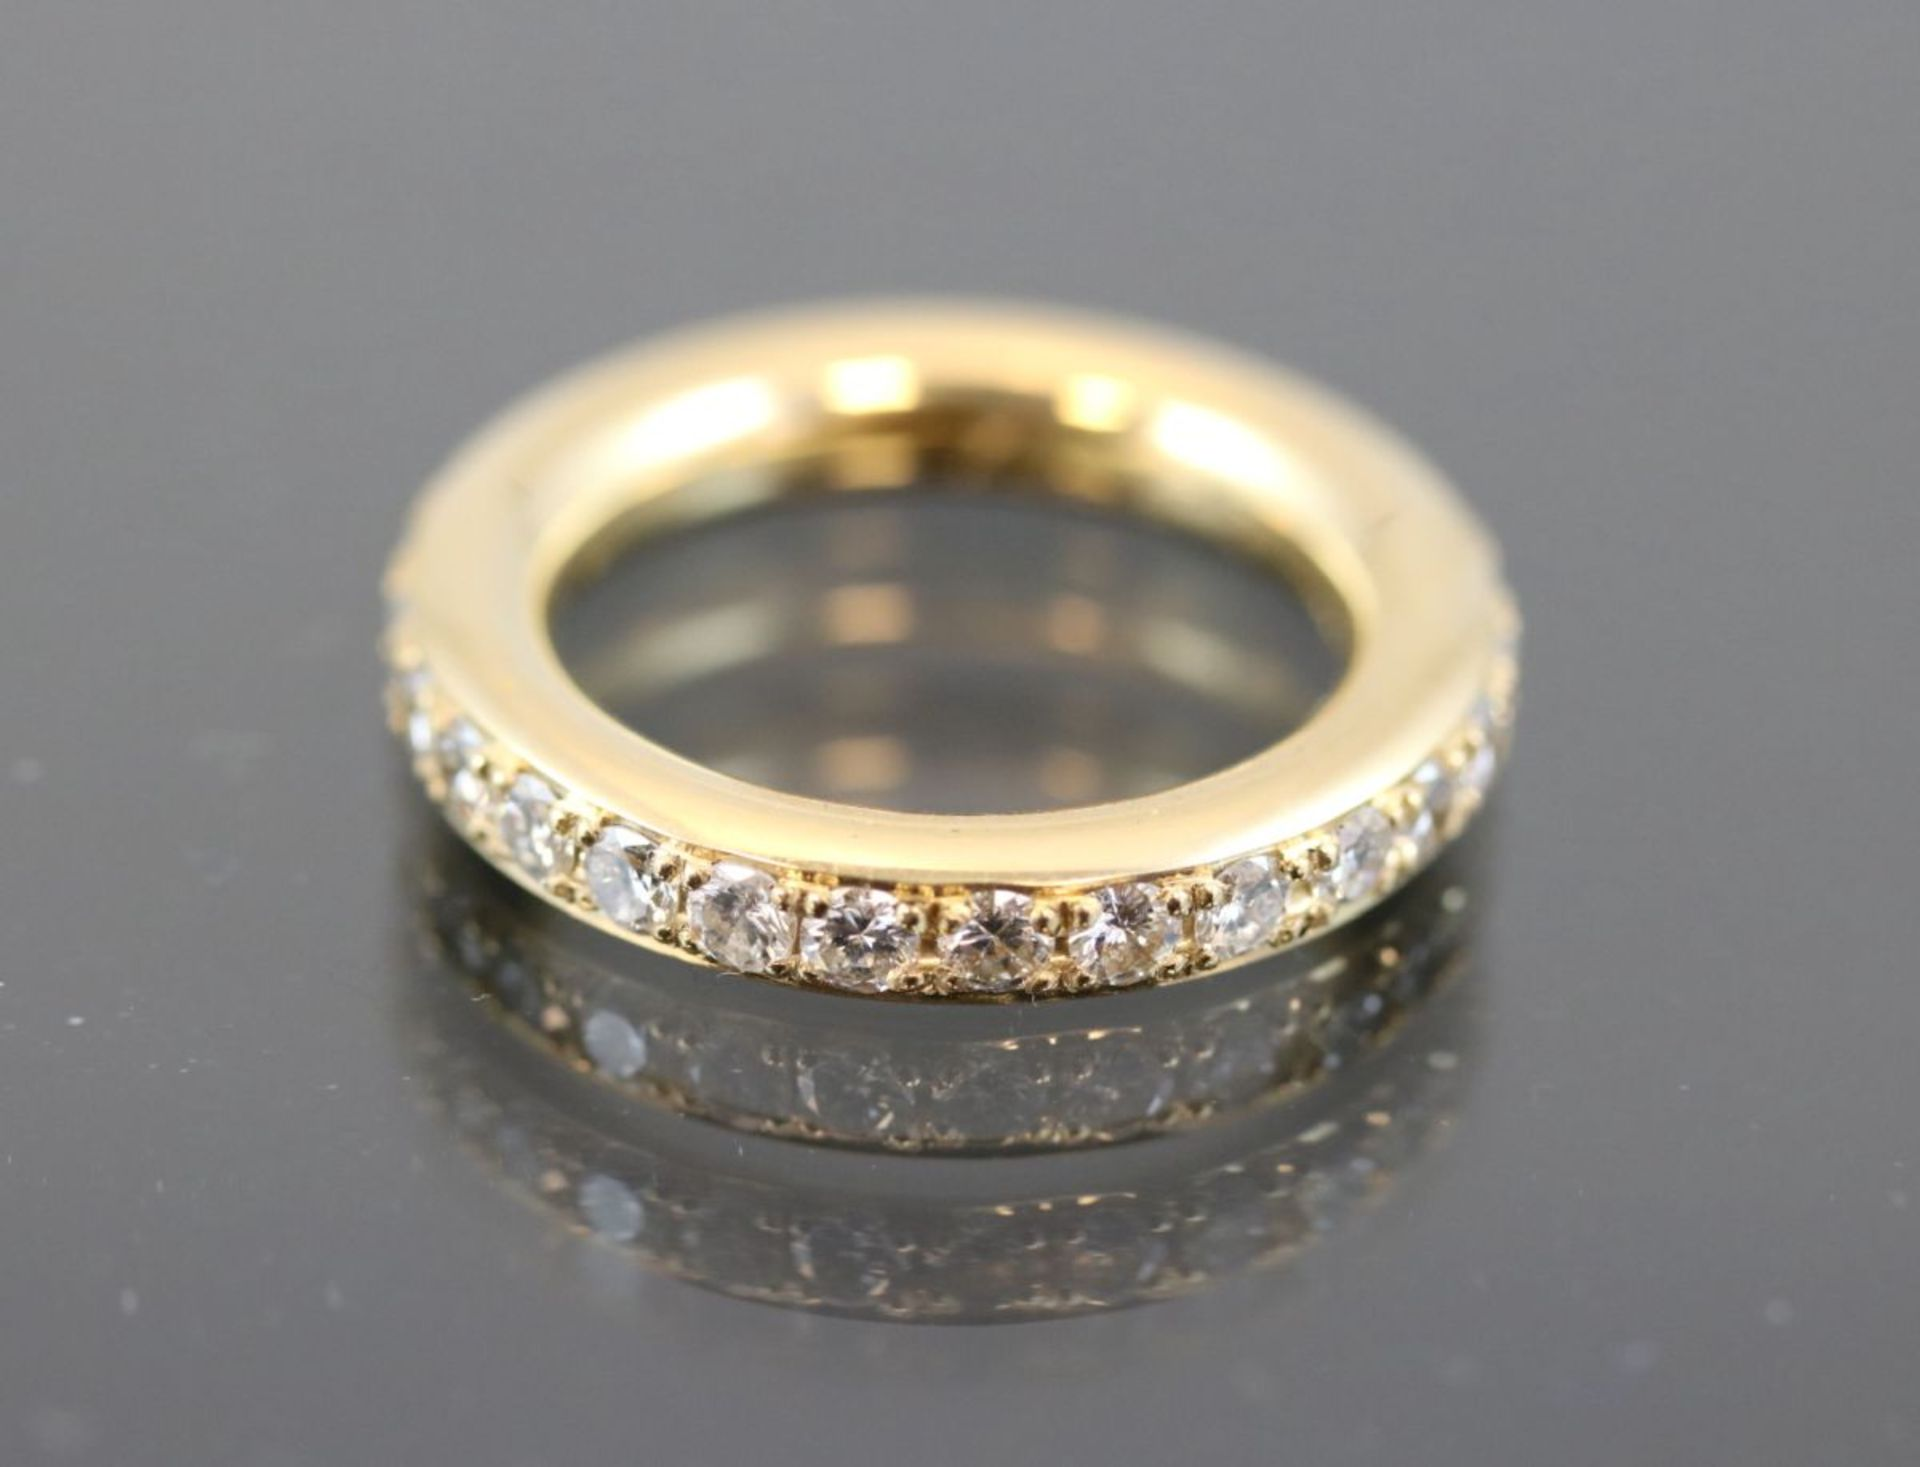 Brillant-Ring, 750 Gelbgold10,3 Gramm Brillanten, 1,57 ct., w/si. Ringgröße: 54Zustand: Neuwertig/